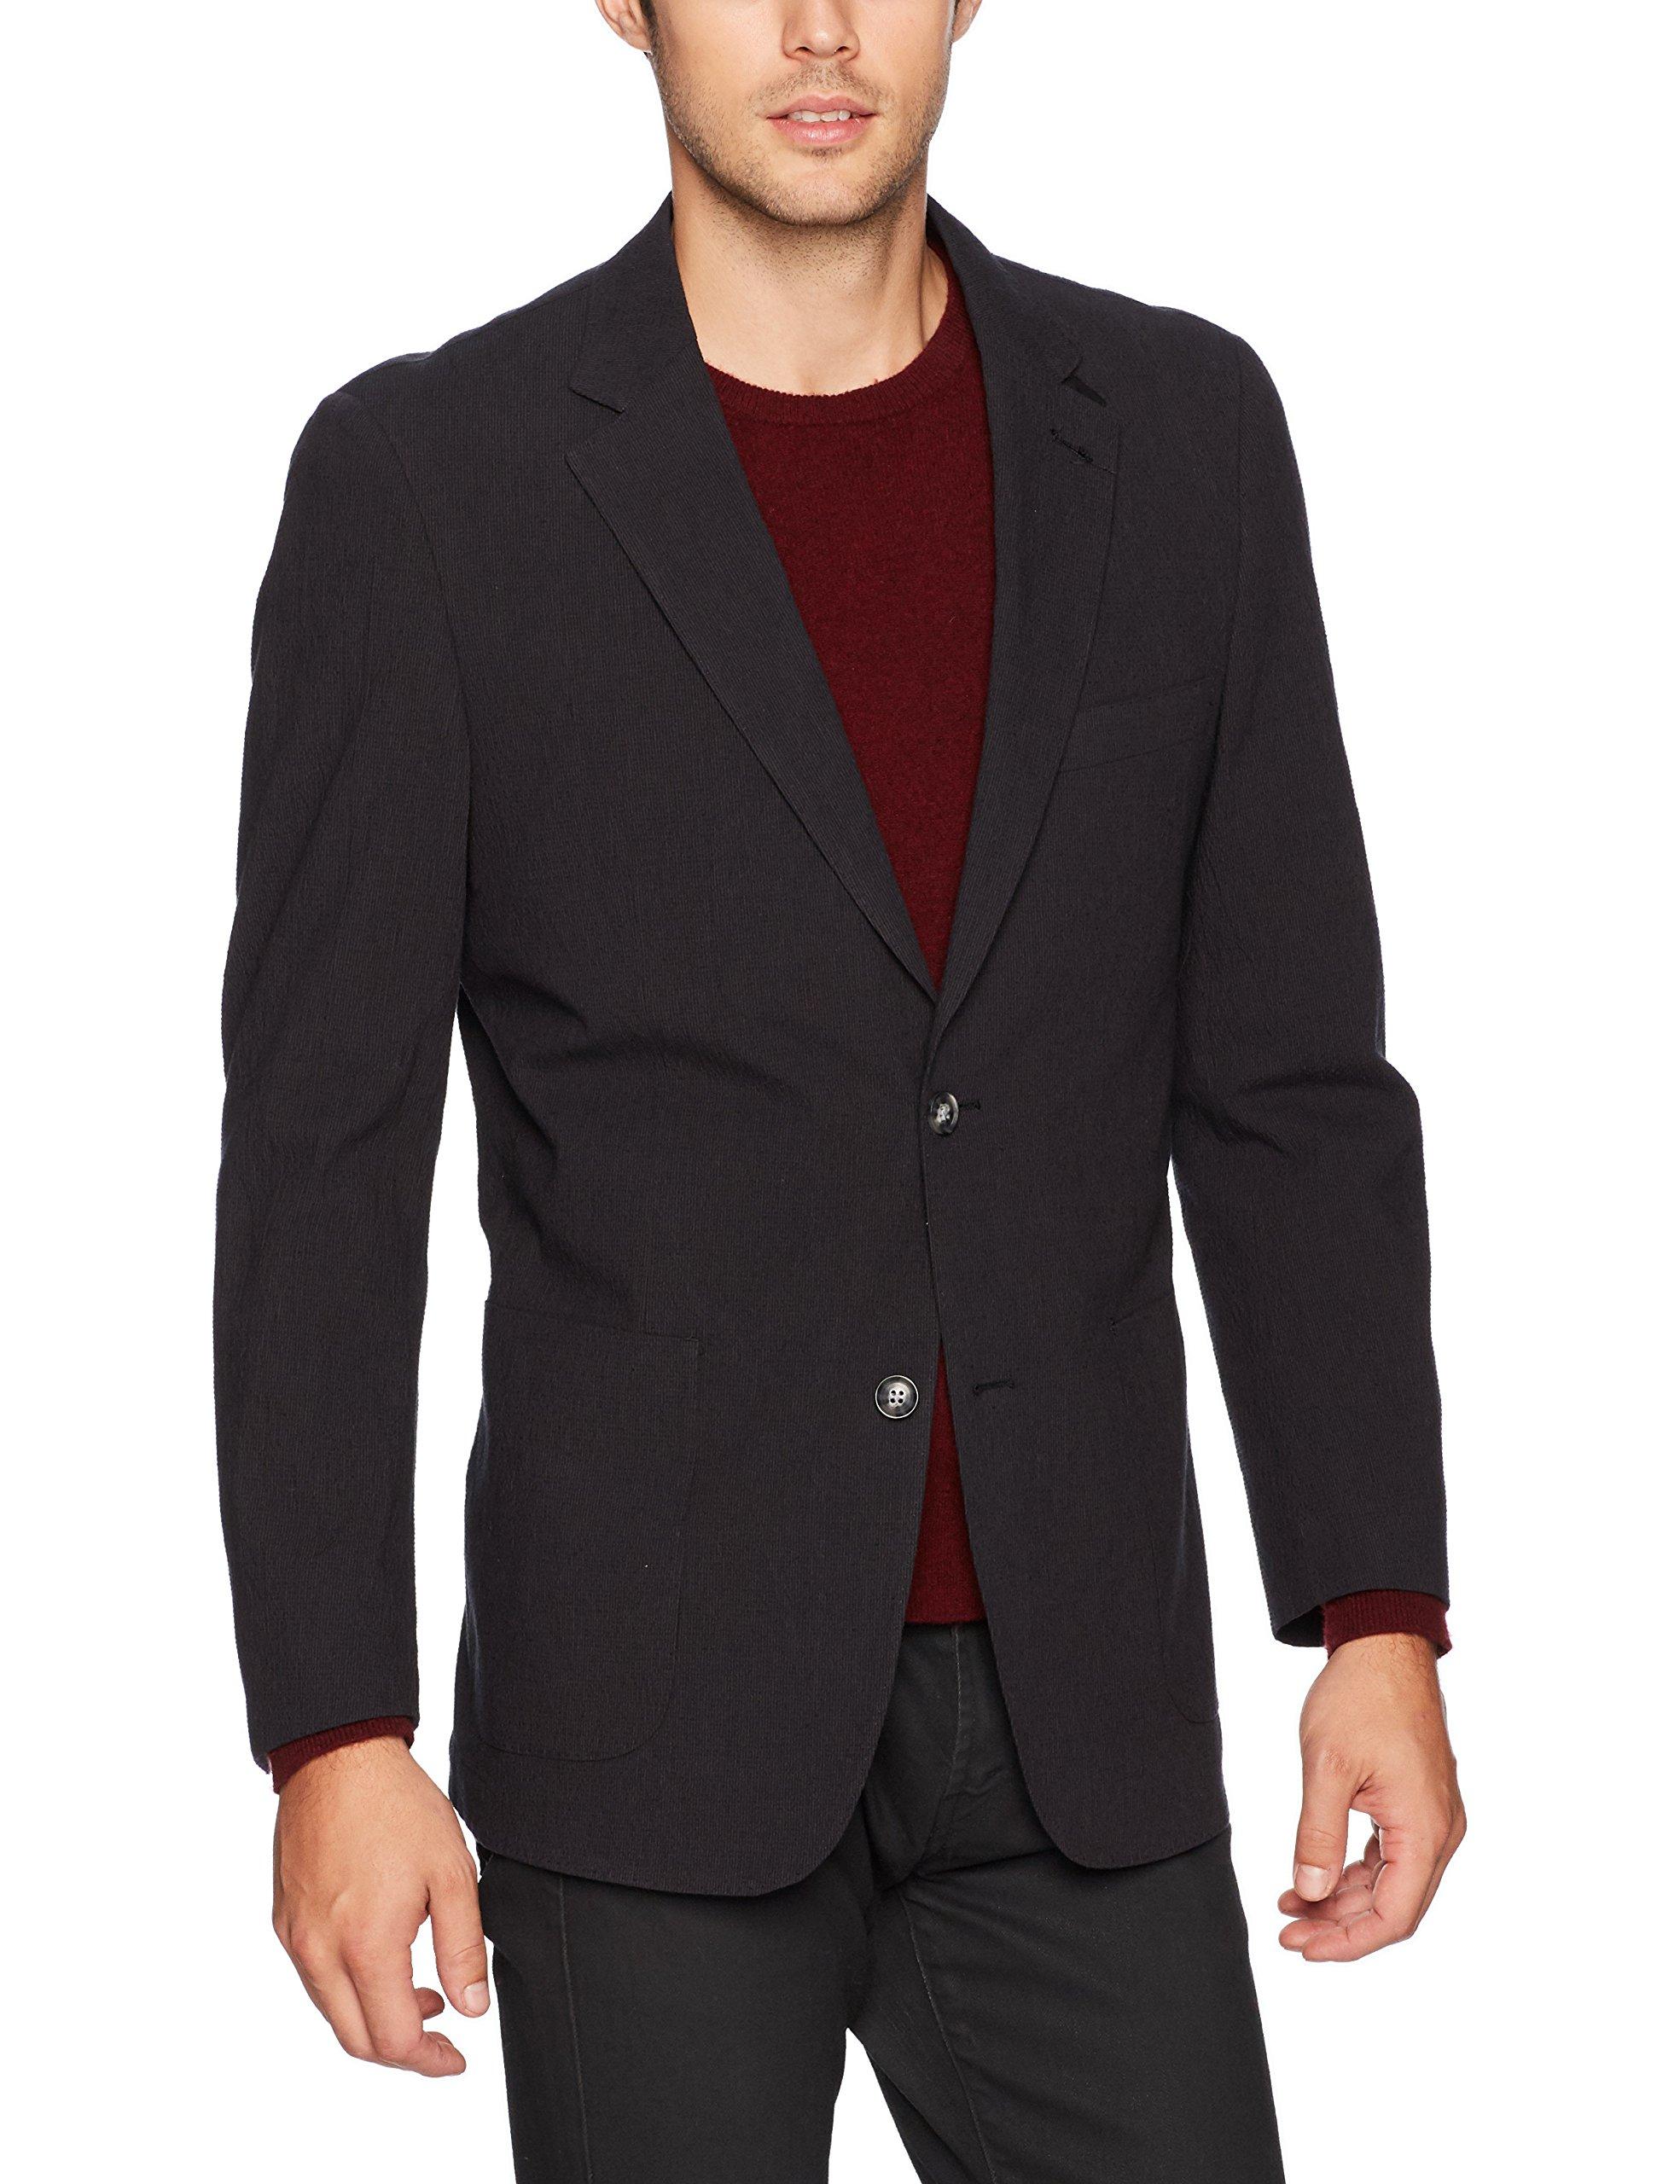 Kroon Men's Bono 2 Seersucker Cotton, Charcoal, 42 Regular